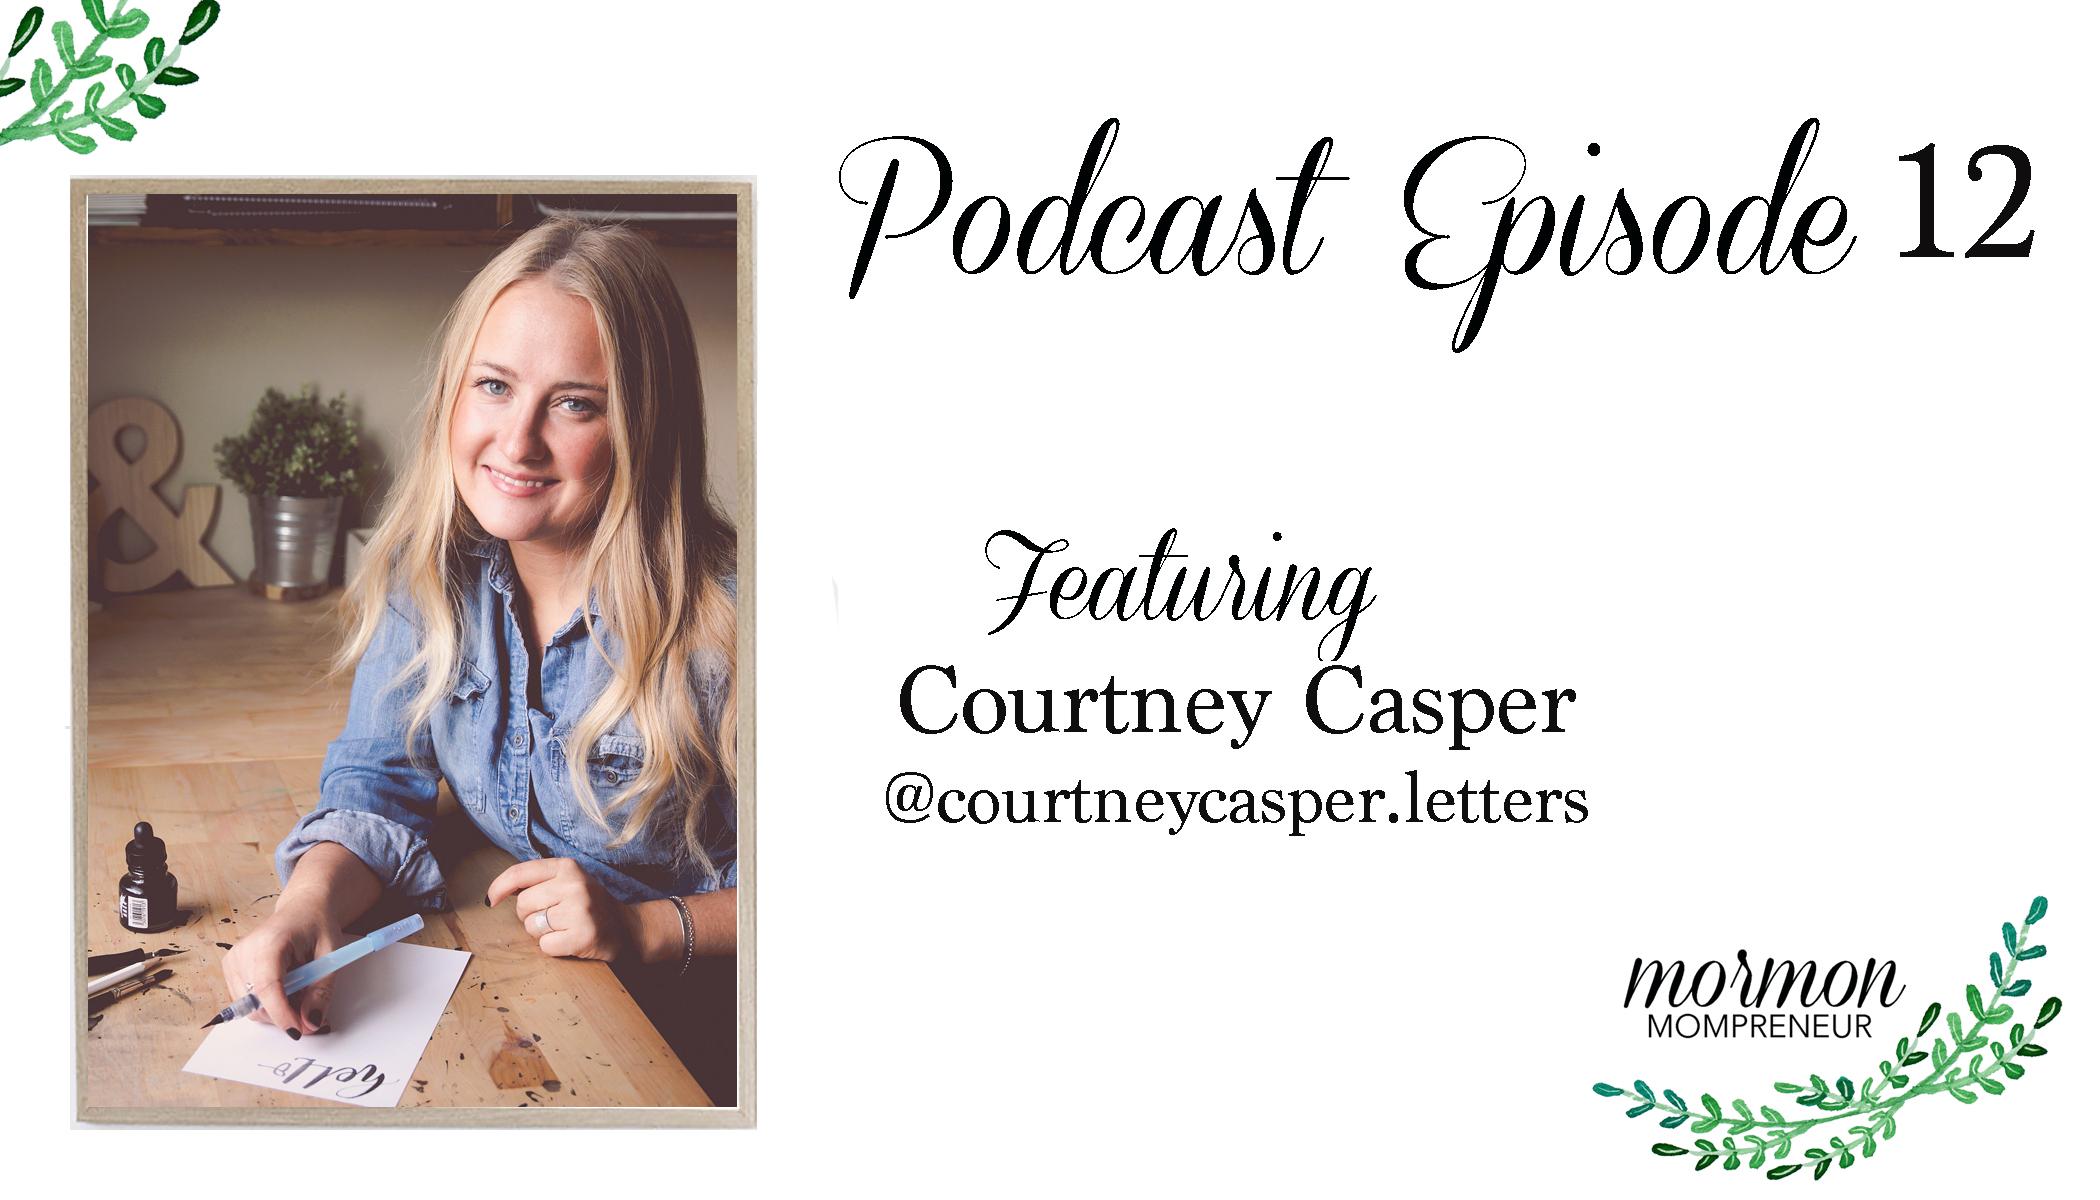 Mormon Mompreneur Podcast Episode 12 Courtney Casper Lettering